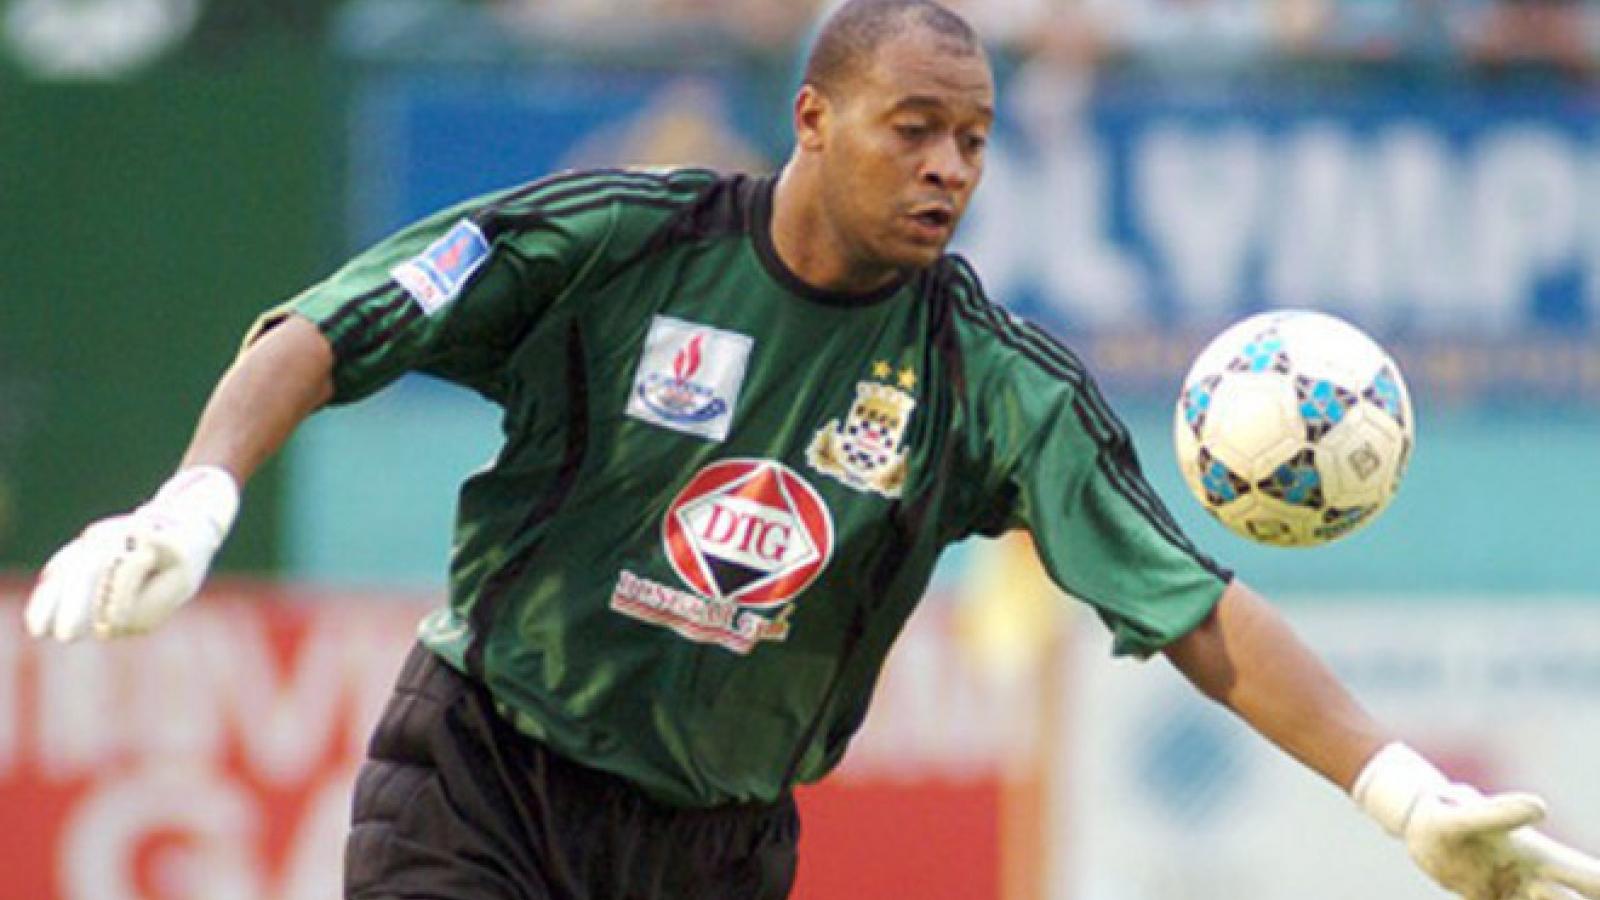 Phan Văn Santos - Thủ môn nắm giữ nhiều kỷ lục nhất của bóng đá Việt Nam